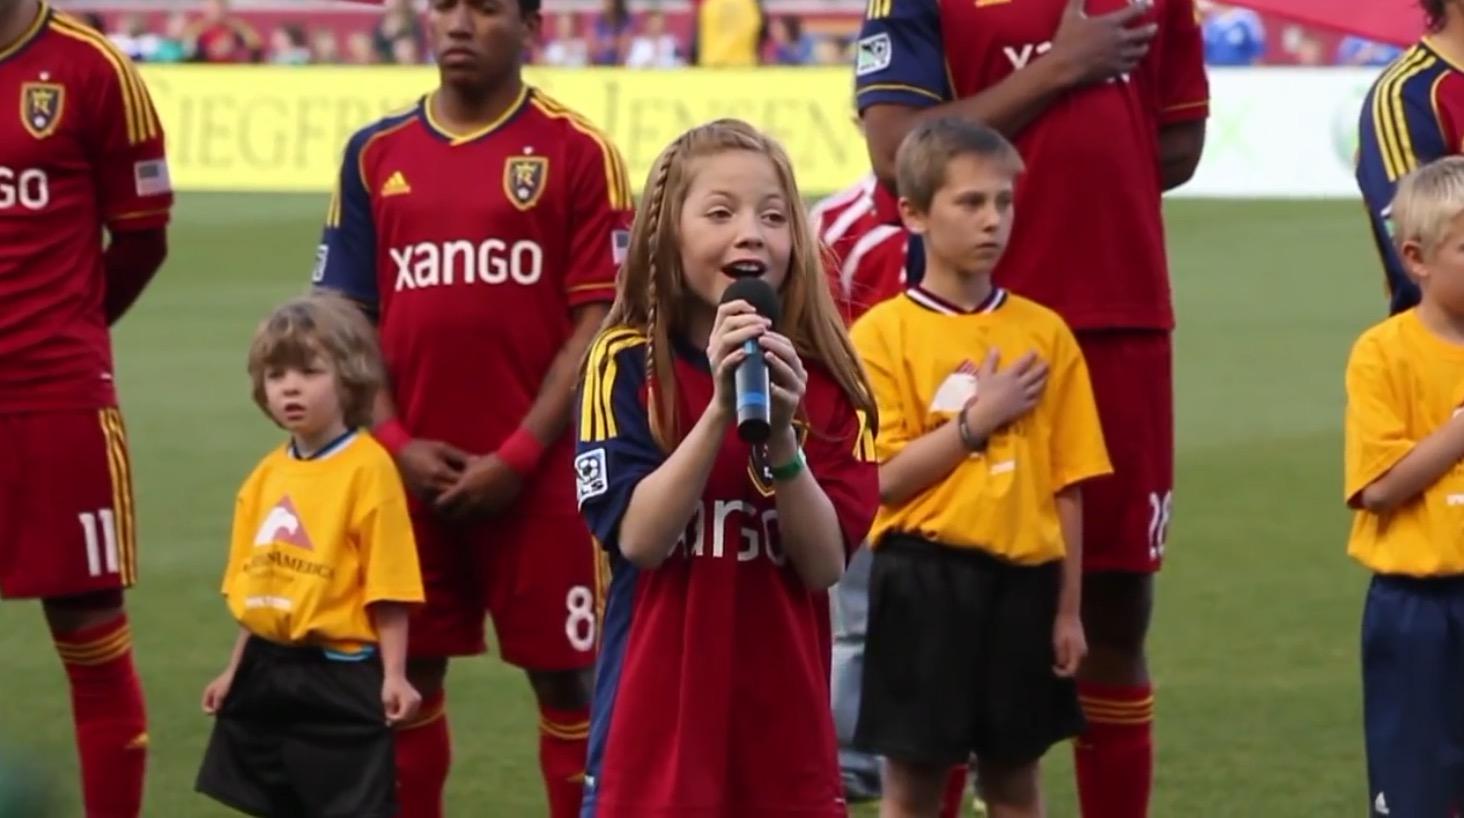 【鳥肌】アメリカサッカーの試合で国歌斉唱する11歳の女の子の歌唱力が凄い!!